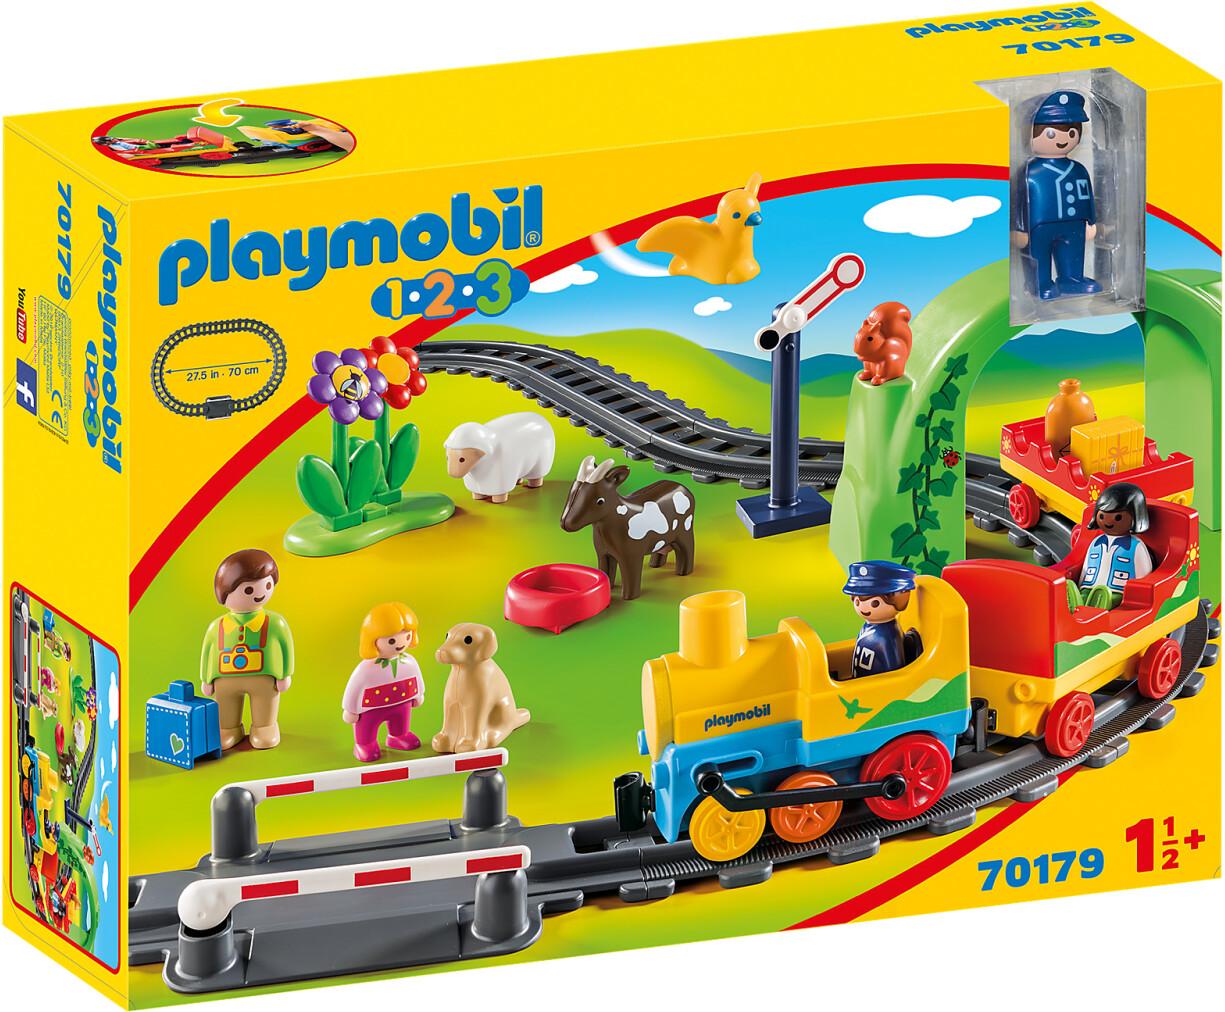 Playmobil 1.2.3 - Meine erste Eisenbahn (70179)